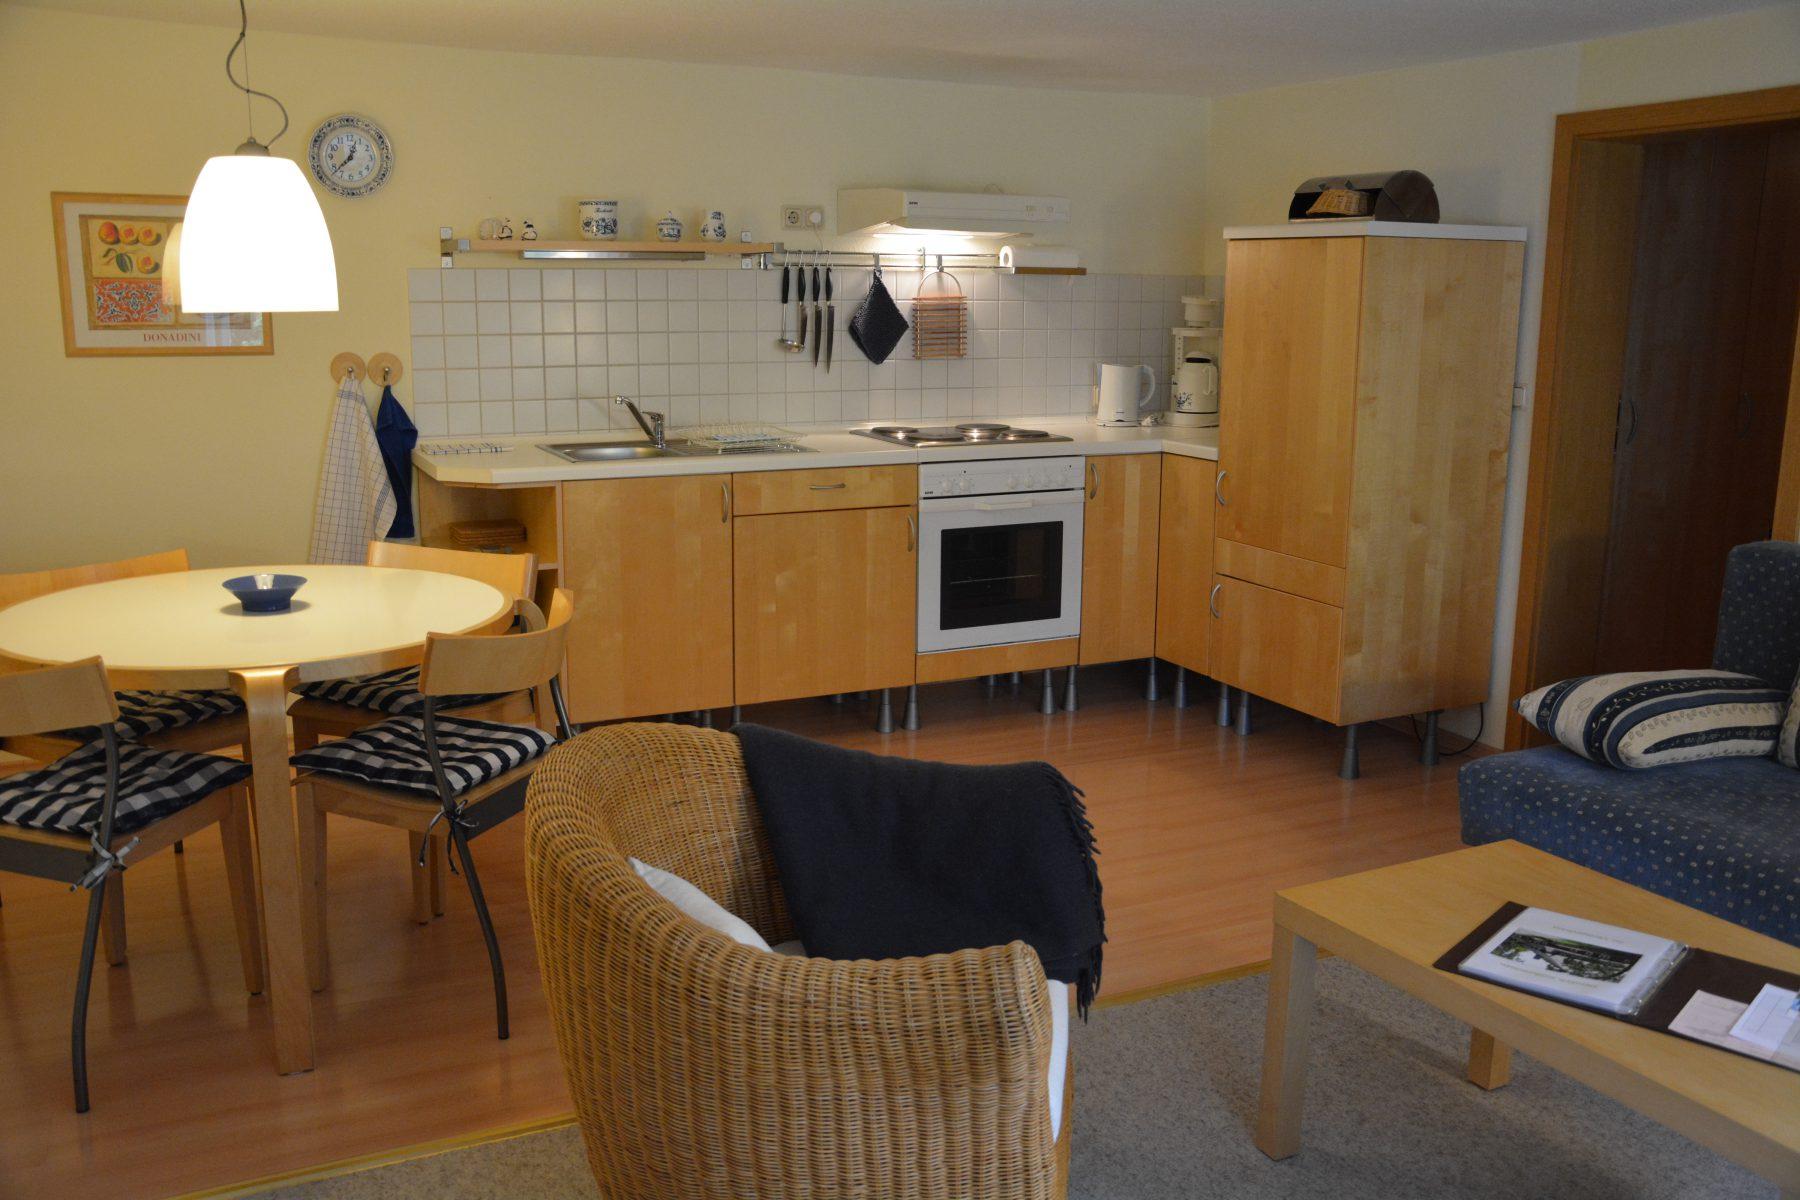 Ferienwohnung im Verlegerhaus Seiffen Kategorie N1a Detail Küche